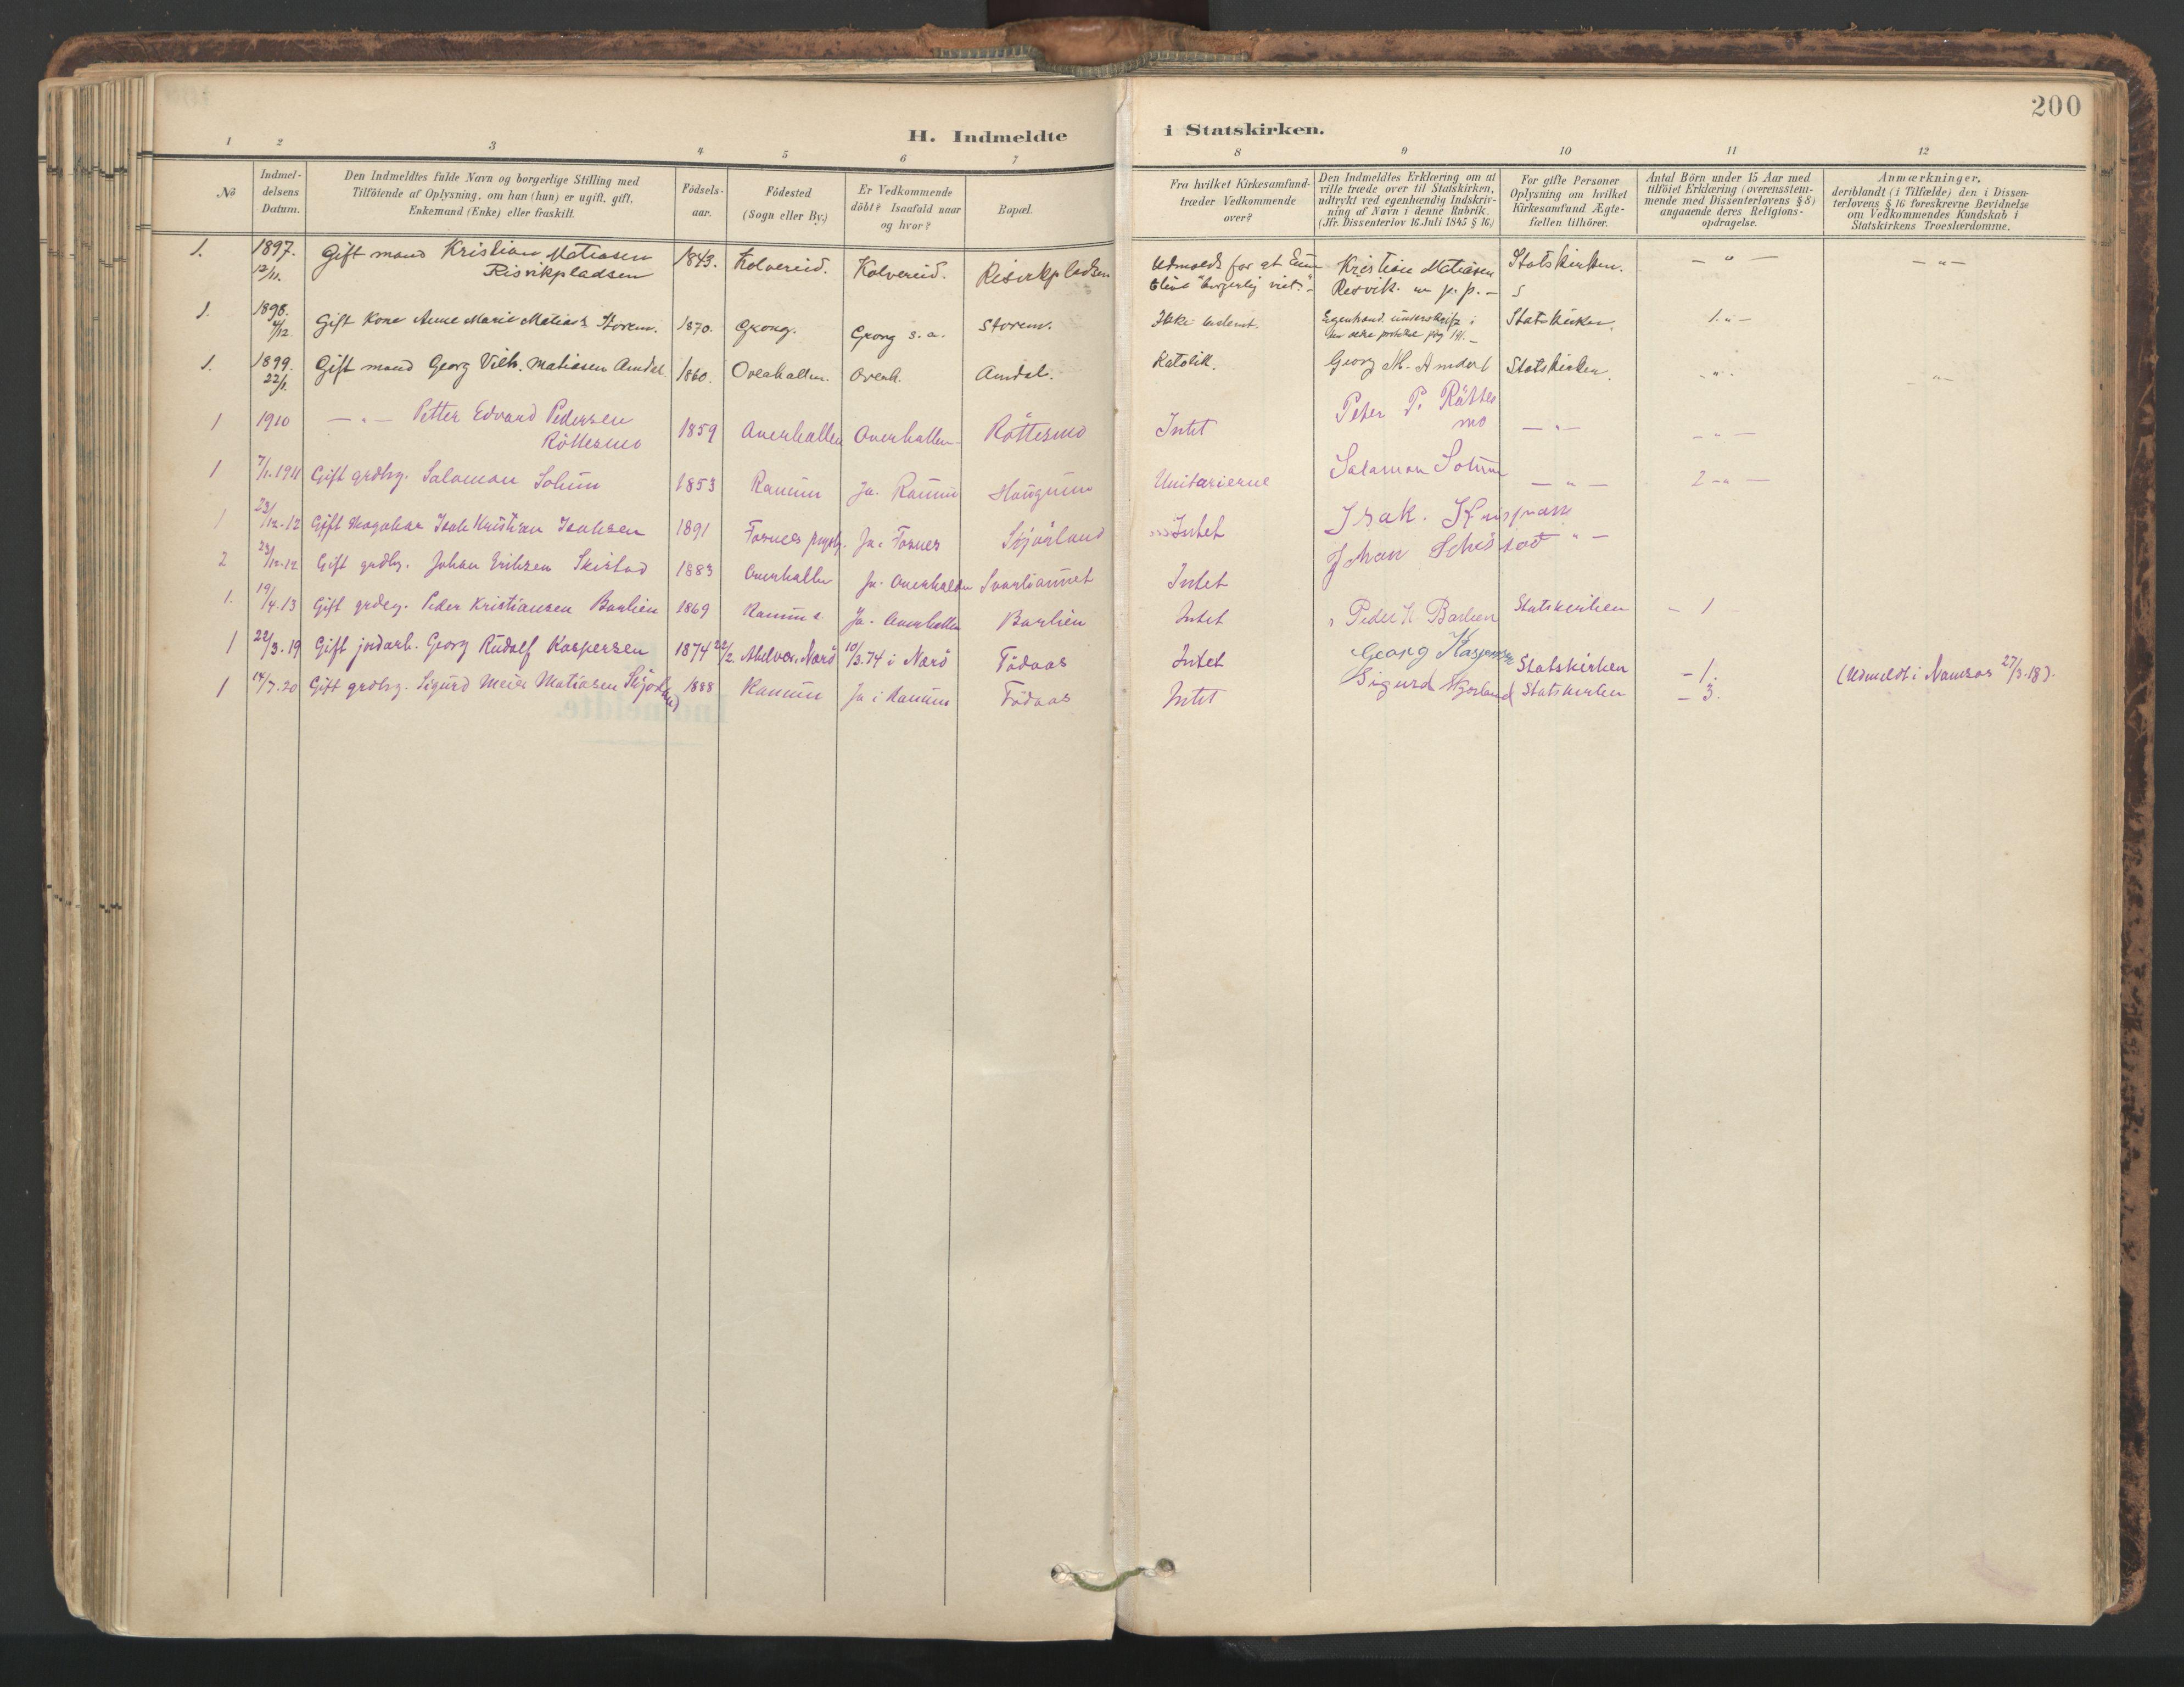 SAT, Ministerialprotokoller, klokkerbøker og fødselsregistre - Nord-Trøndelag, 764/L0556: Ministerialbok nr. 764A11, 1897-1924, s. 200